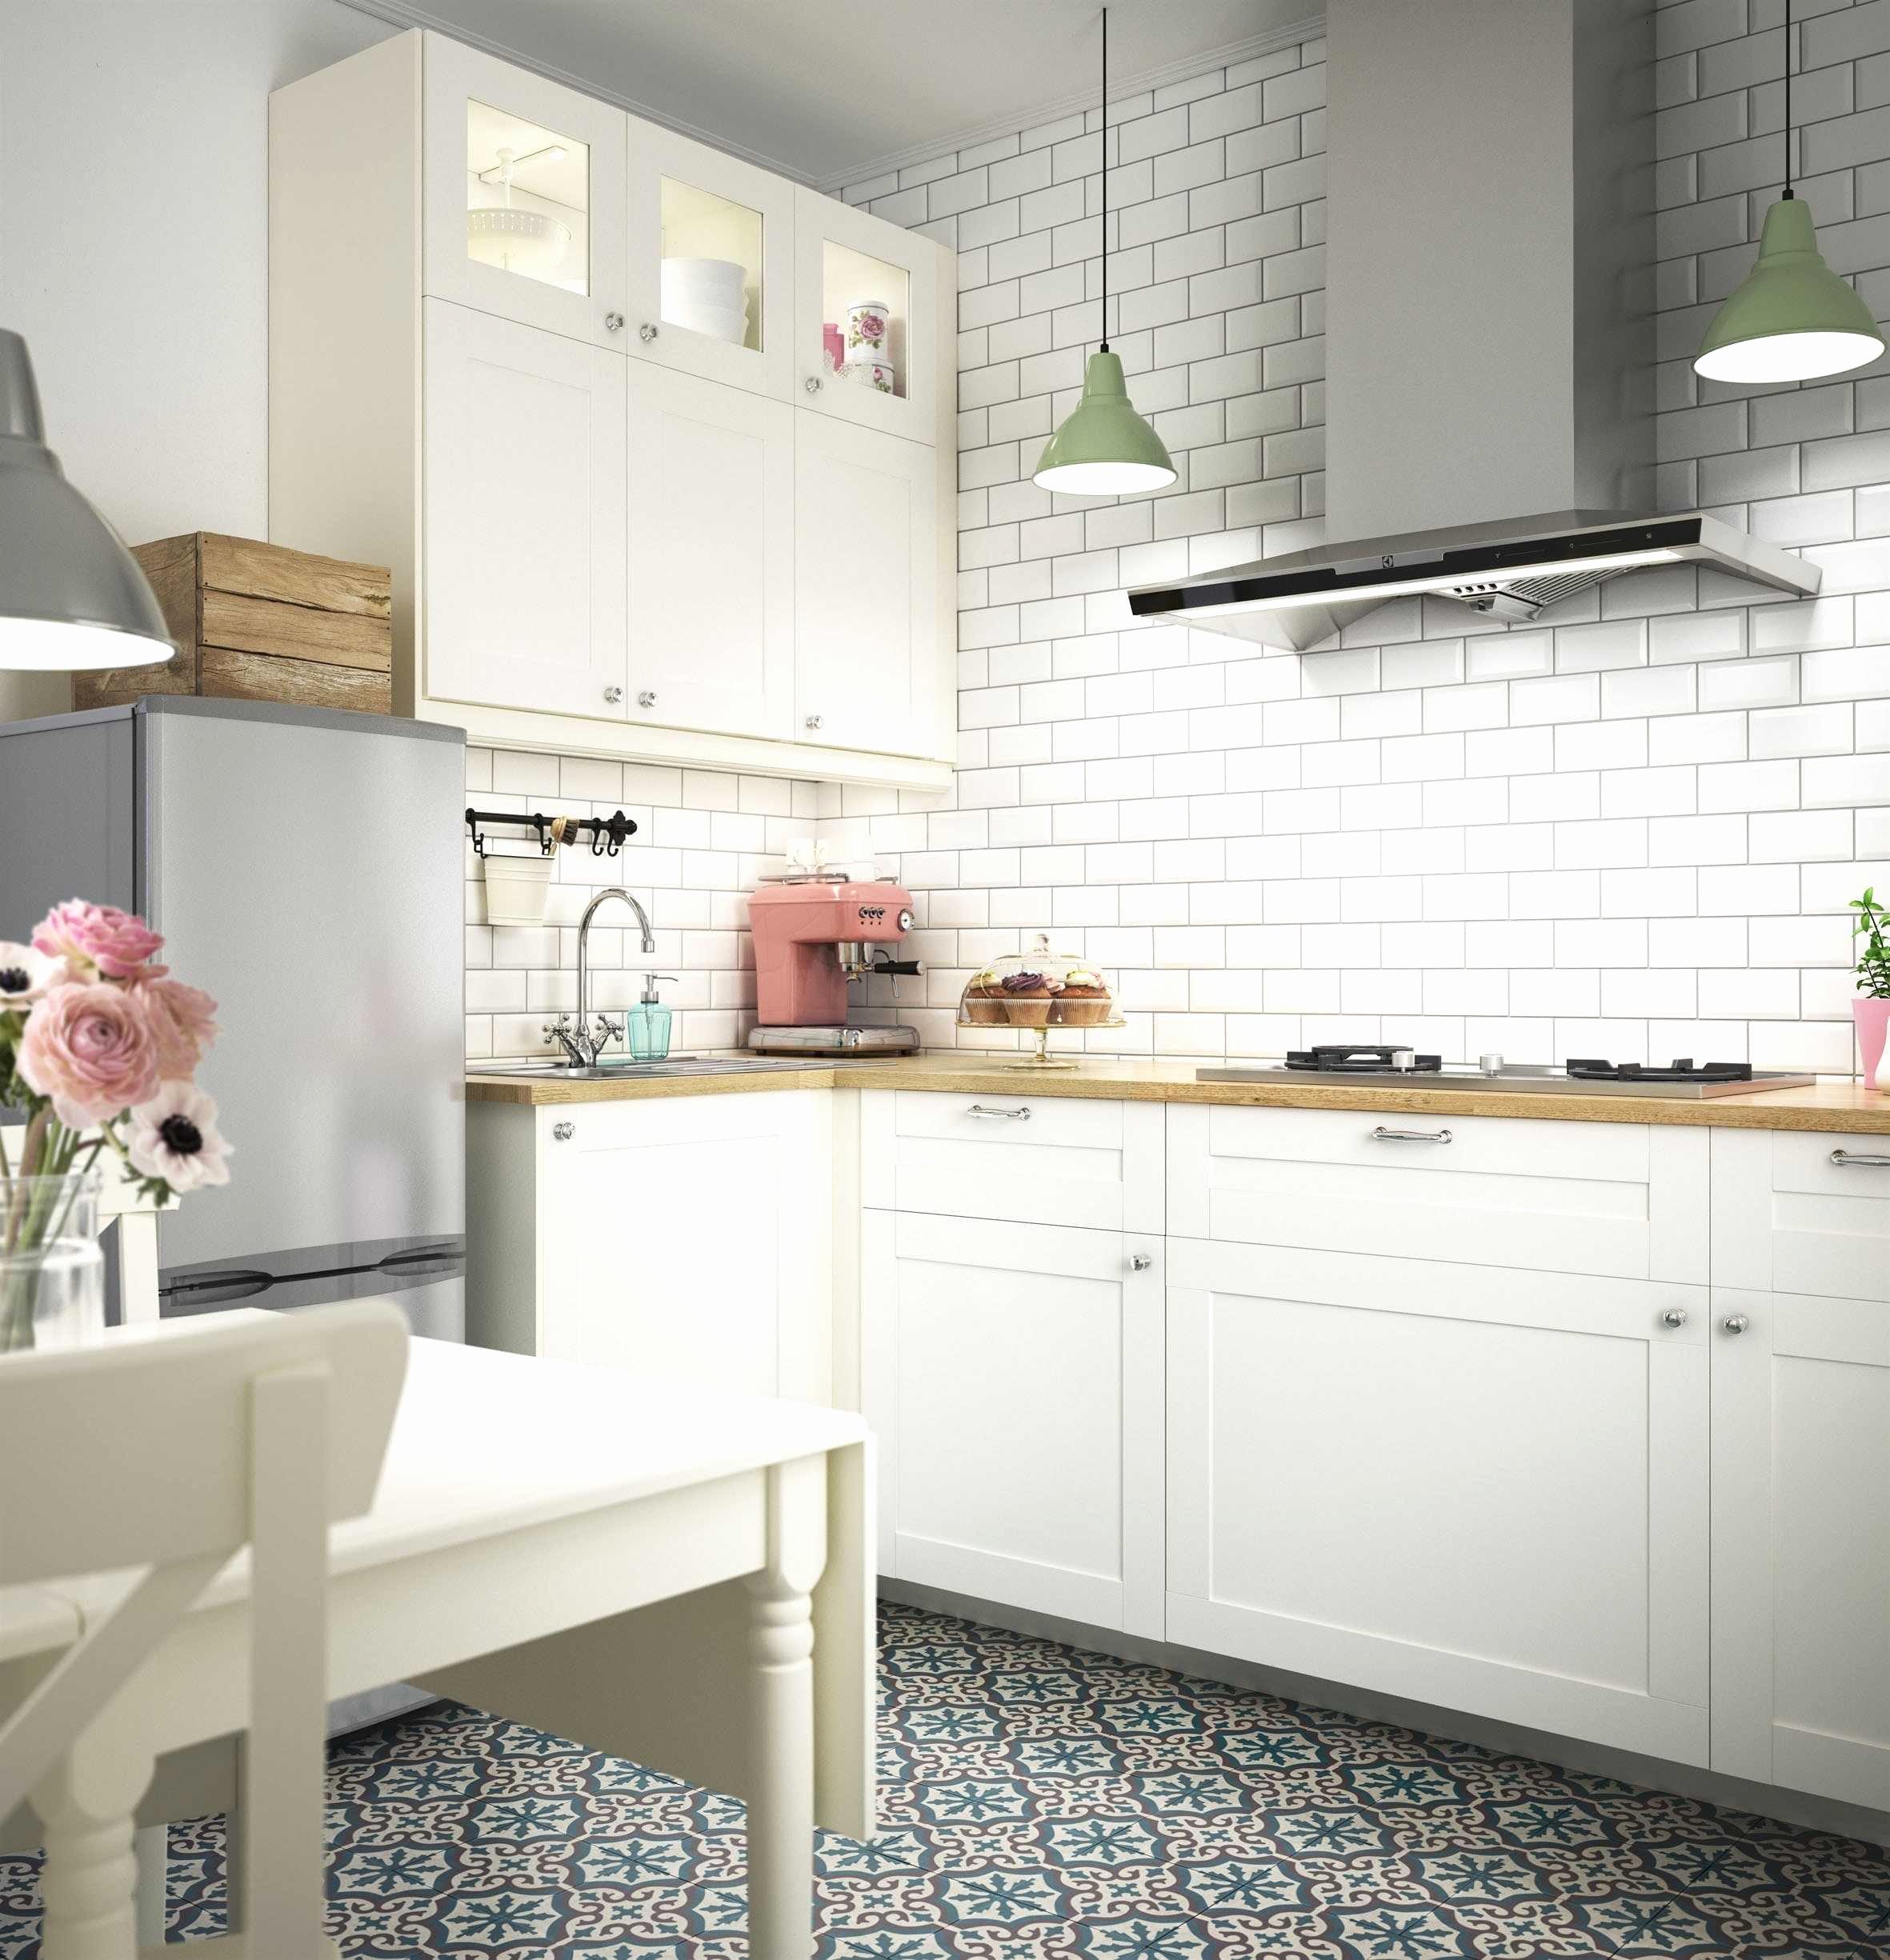 Credence miroir ikea latest pose credence ides cuisine - Credence salle de bain ikea ...